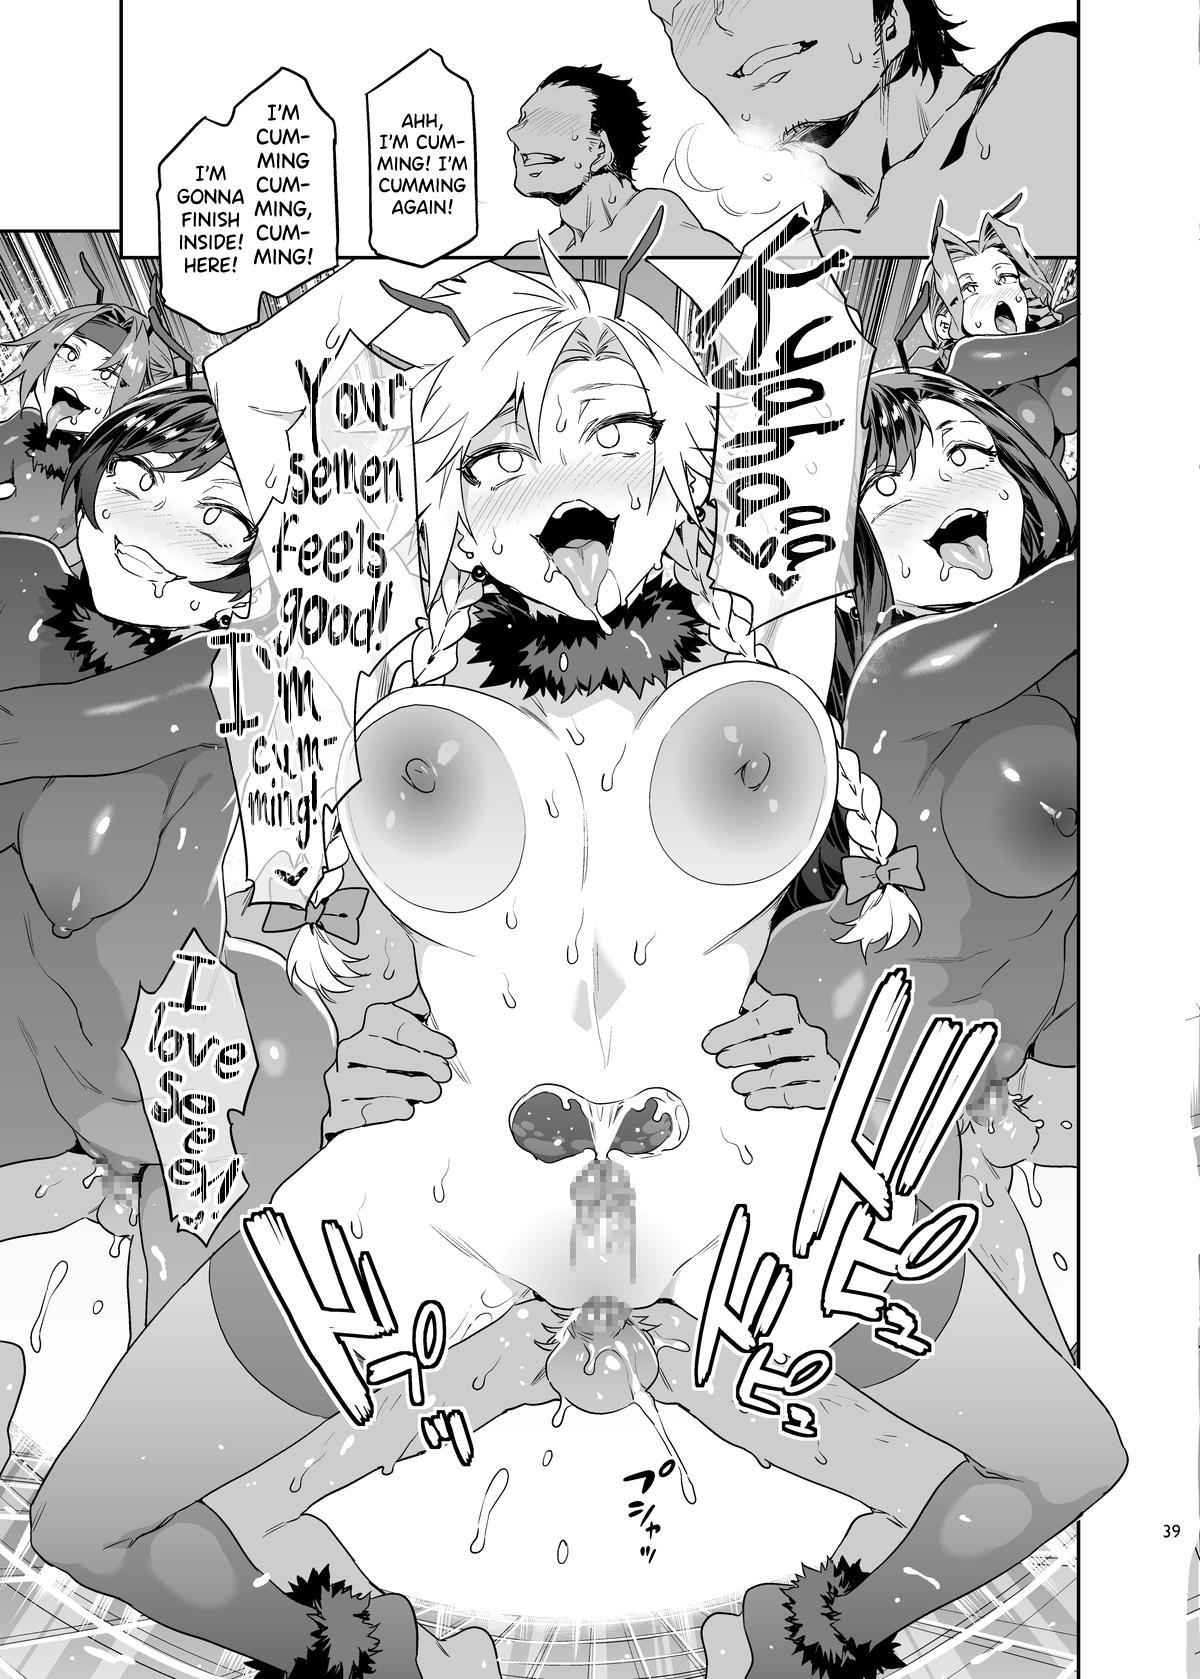 [Alice no Takarabako (Mizuryu Kei)] Mitsubachi no Yakata Nigou-kan Seventh Heaven-ten (Final Fantasy VII) [English] [biribiri] [Digital] 42